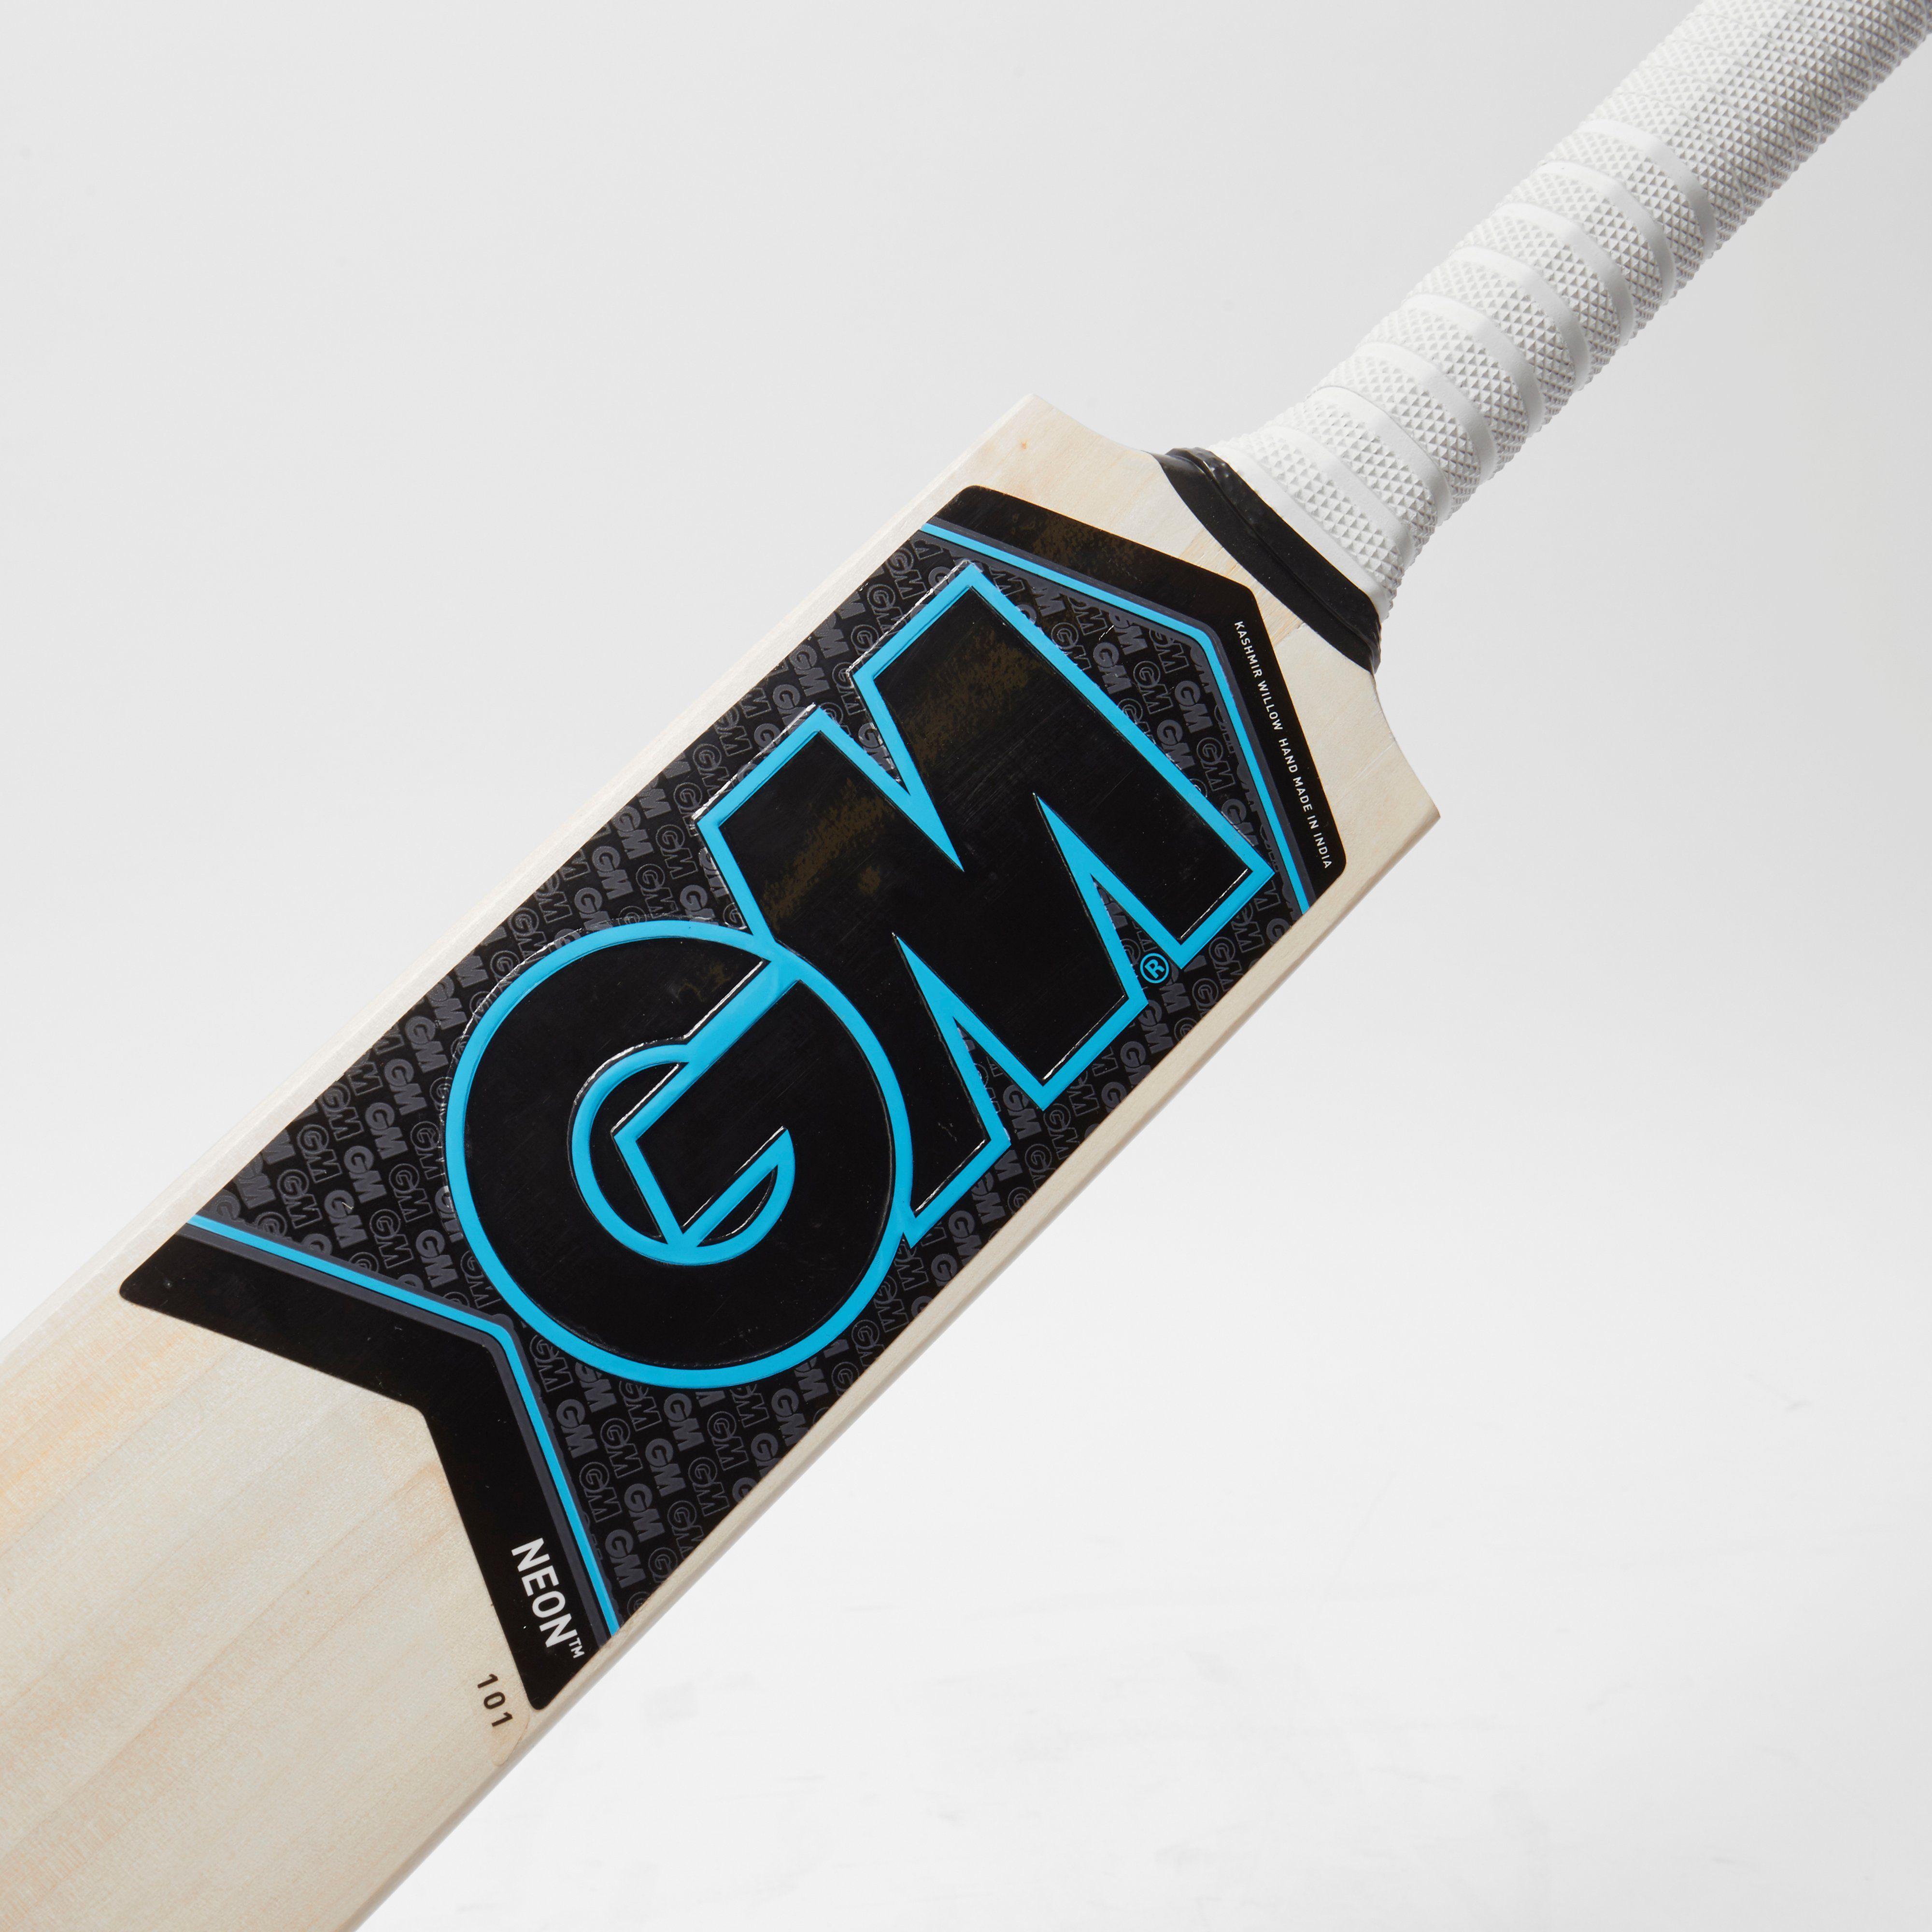 Gunn & Moore Neon 101 Kashmir Willow Junior Cricket Bat